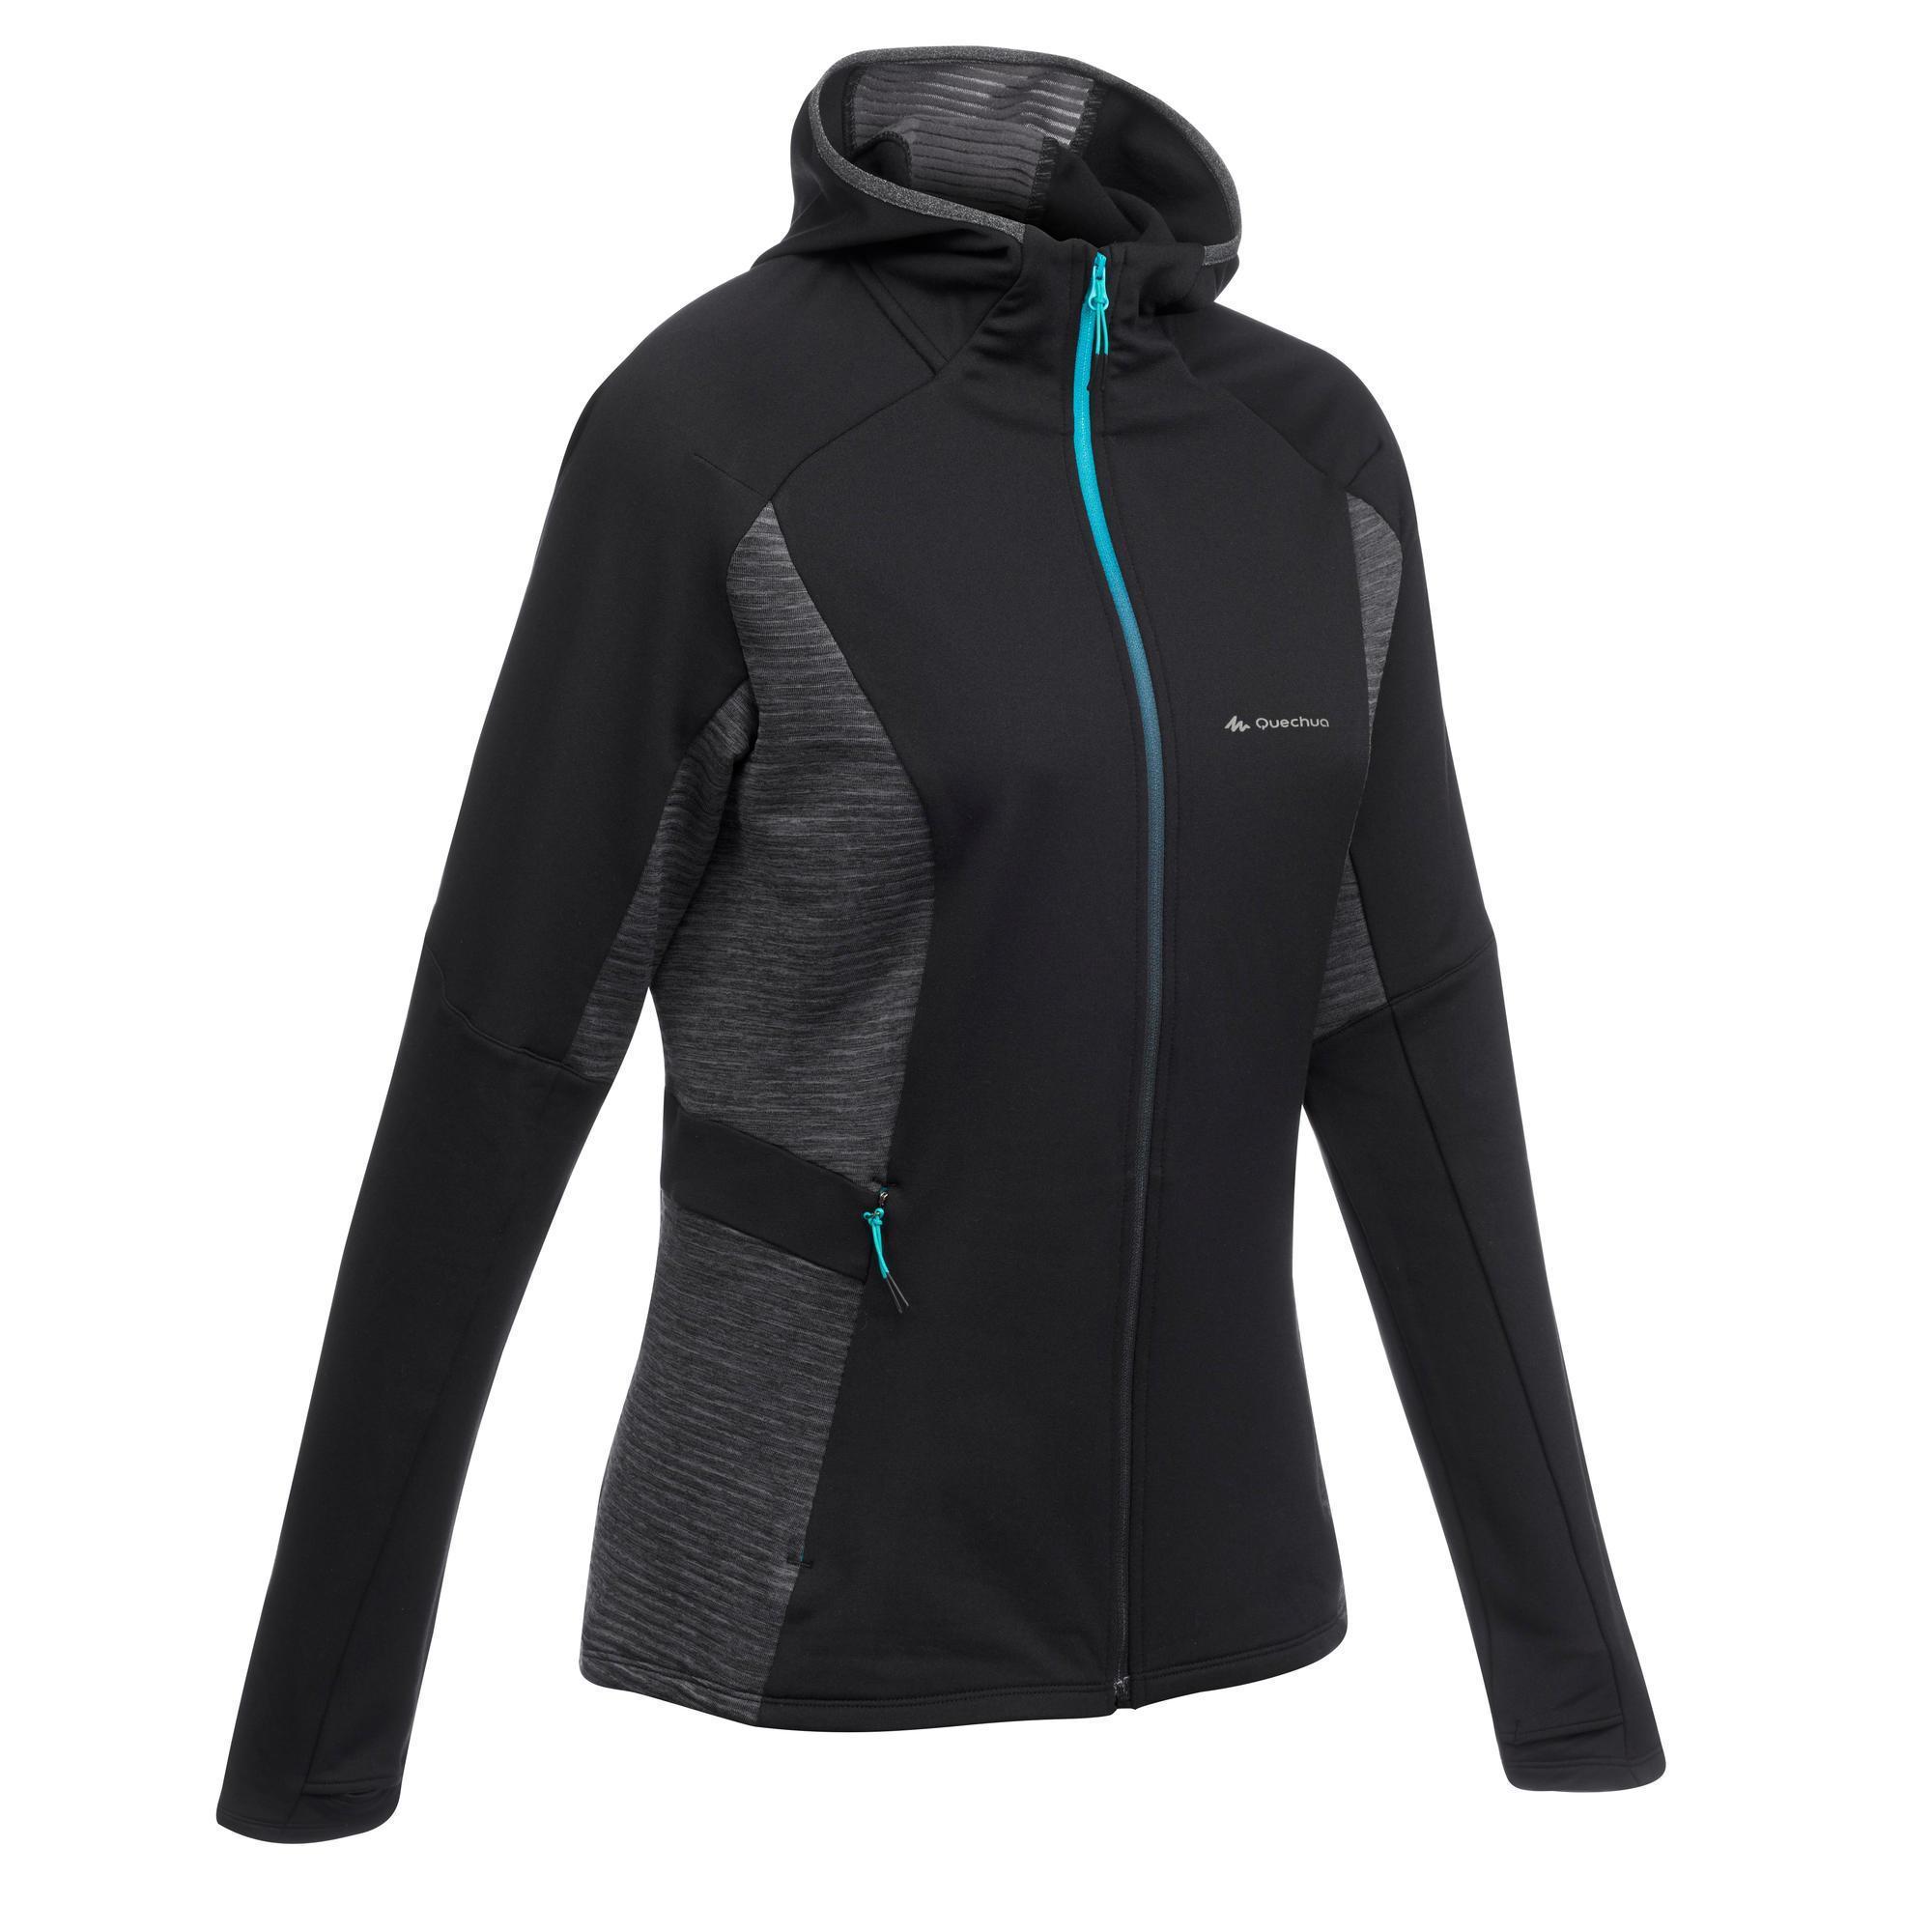 Fleecejacke Speed Hiking FH500 Helium Damen schwarz   Bekleidung > Jacken > Fleecejacken   Schwarz   Quechua